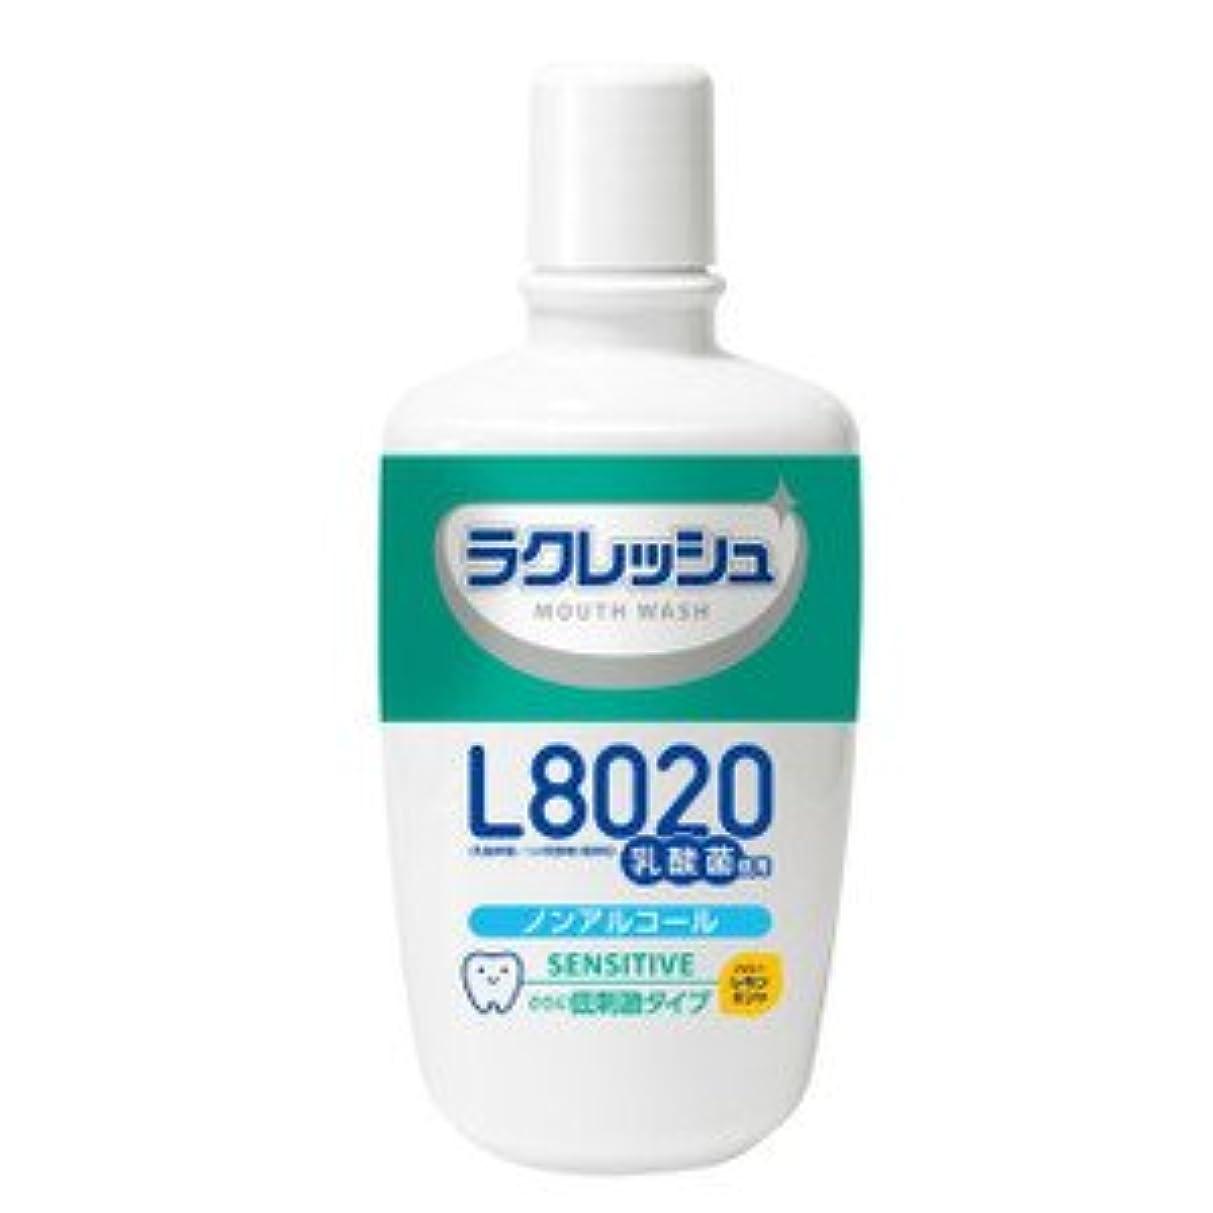 ヘルシーデンマークあるジェクス ラクレッシュ L8020乳酸菌 マウスウォッシュ 洗口液センシティブタイプ 300ml×10個セット